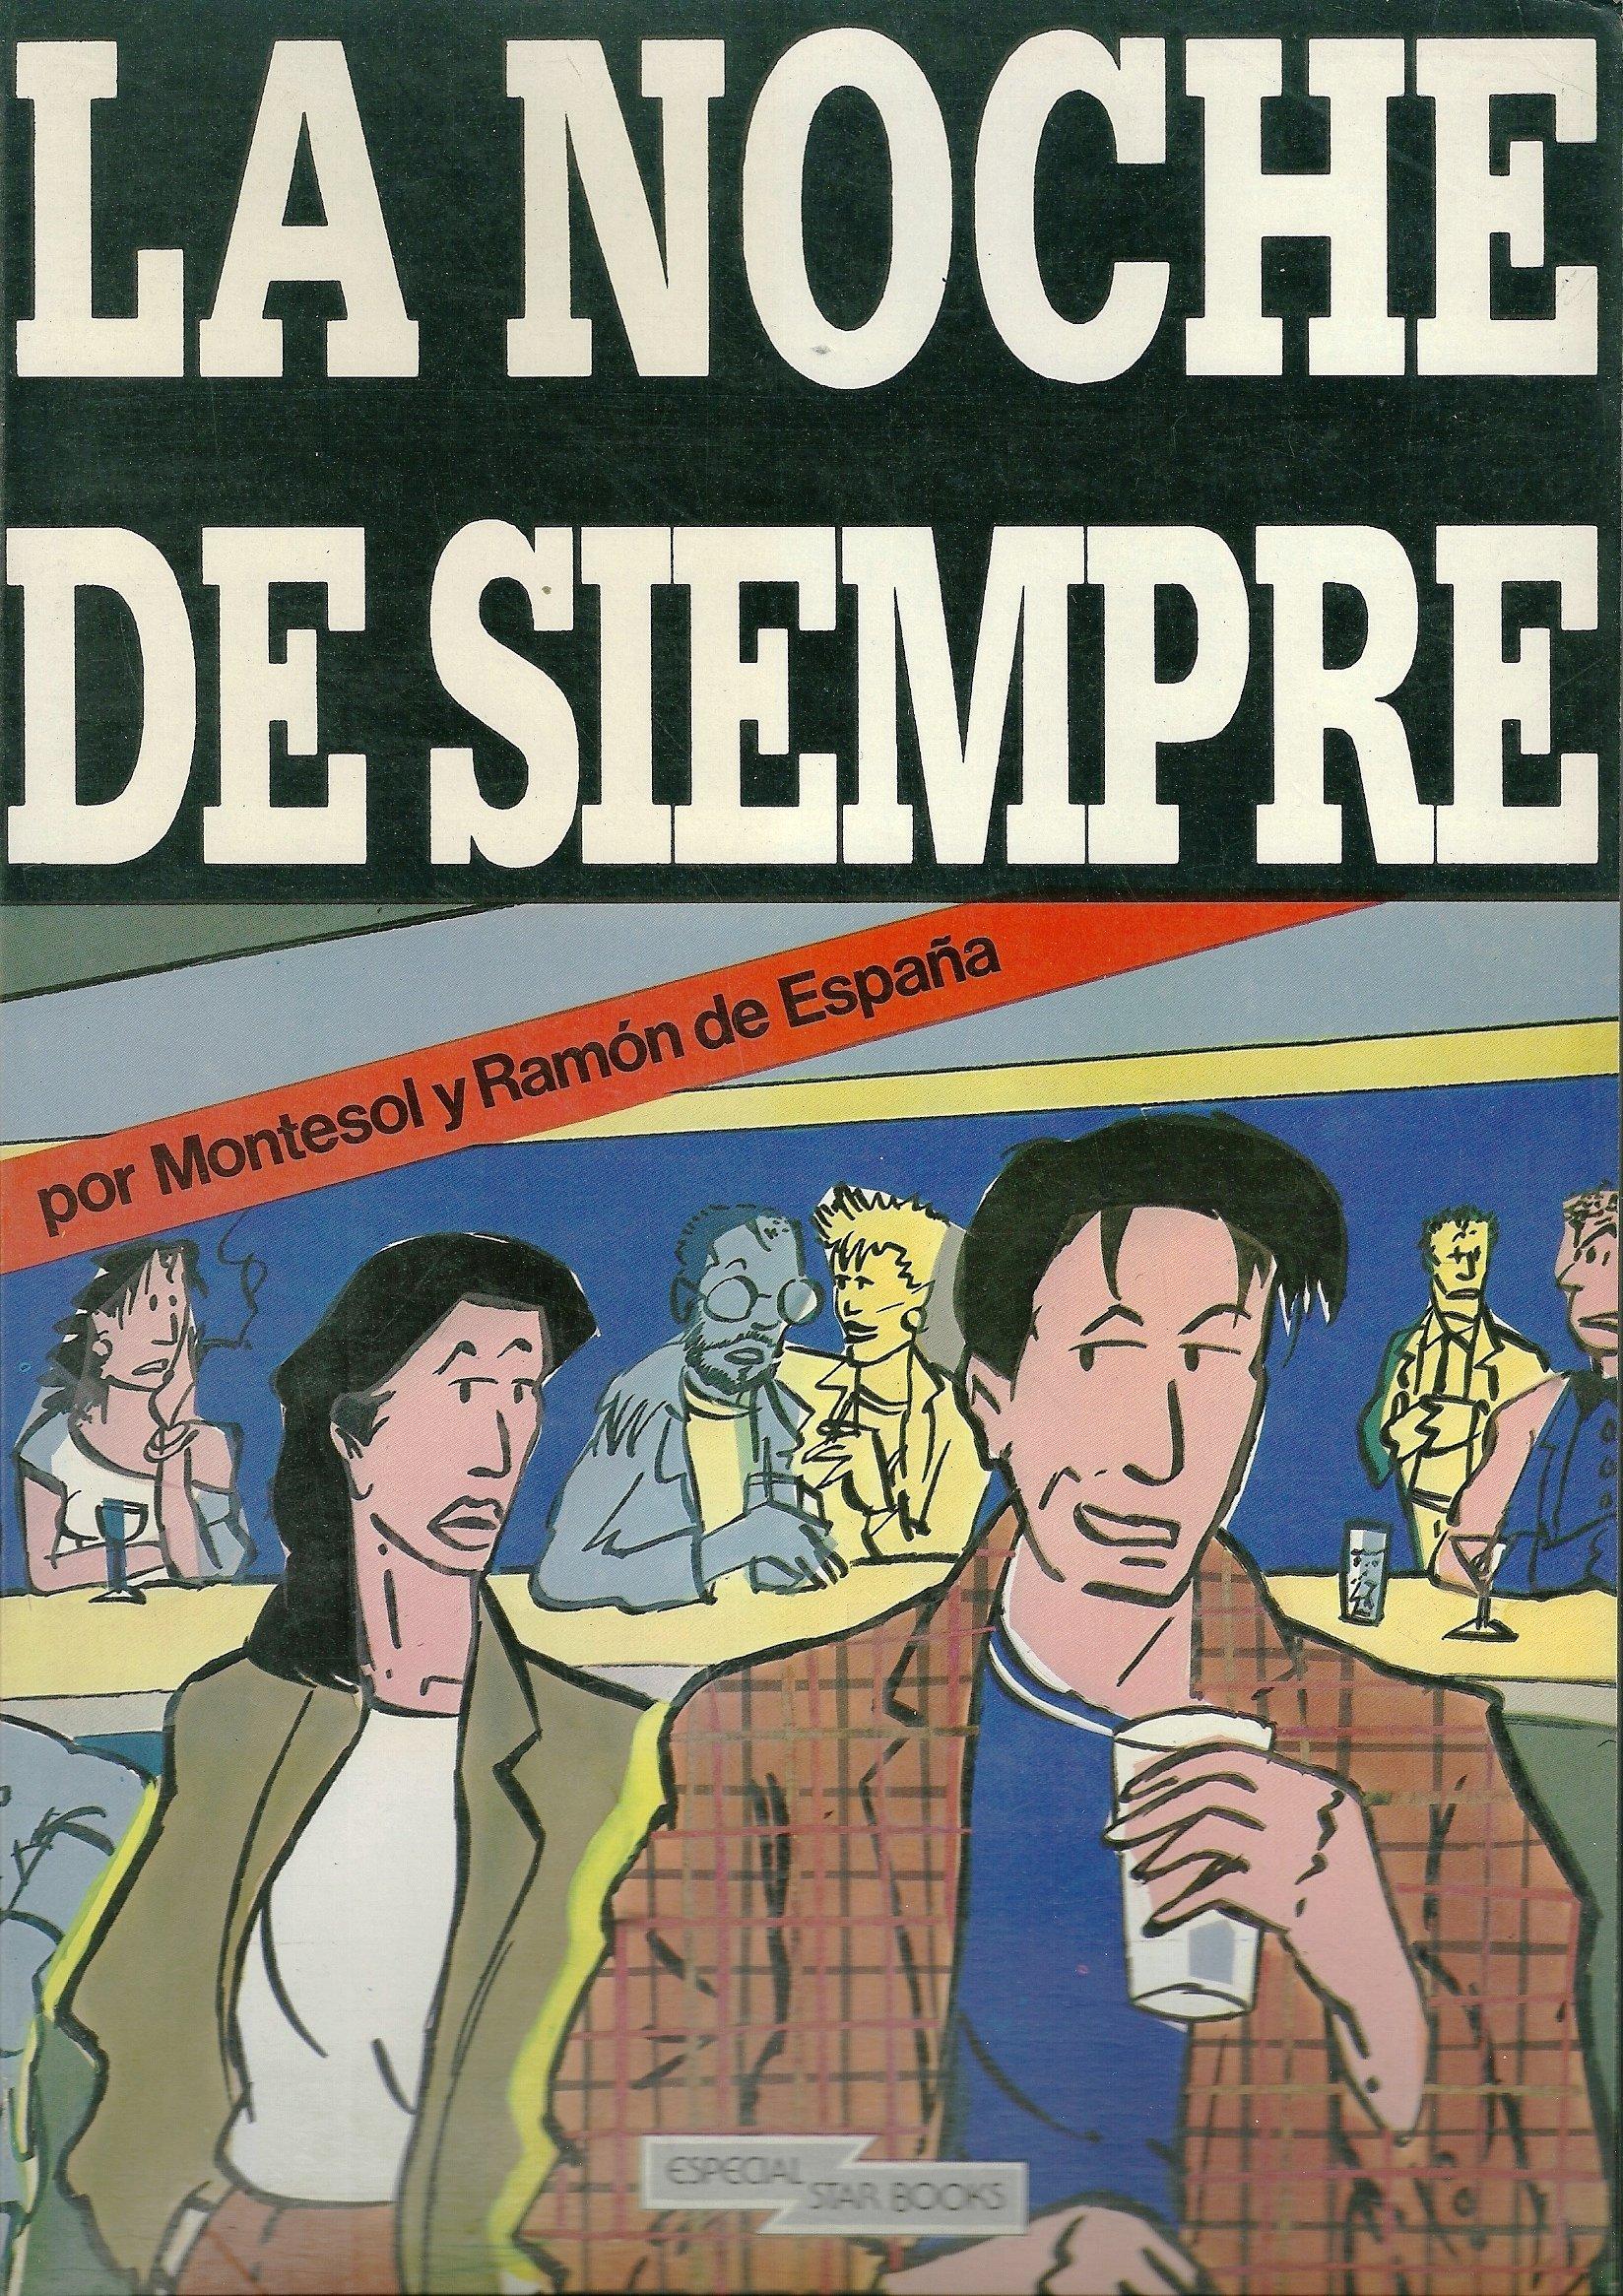 La Noche de Siempre: Amazon.es: Montesol y Ramon de España: Libros